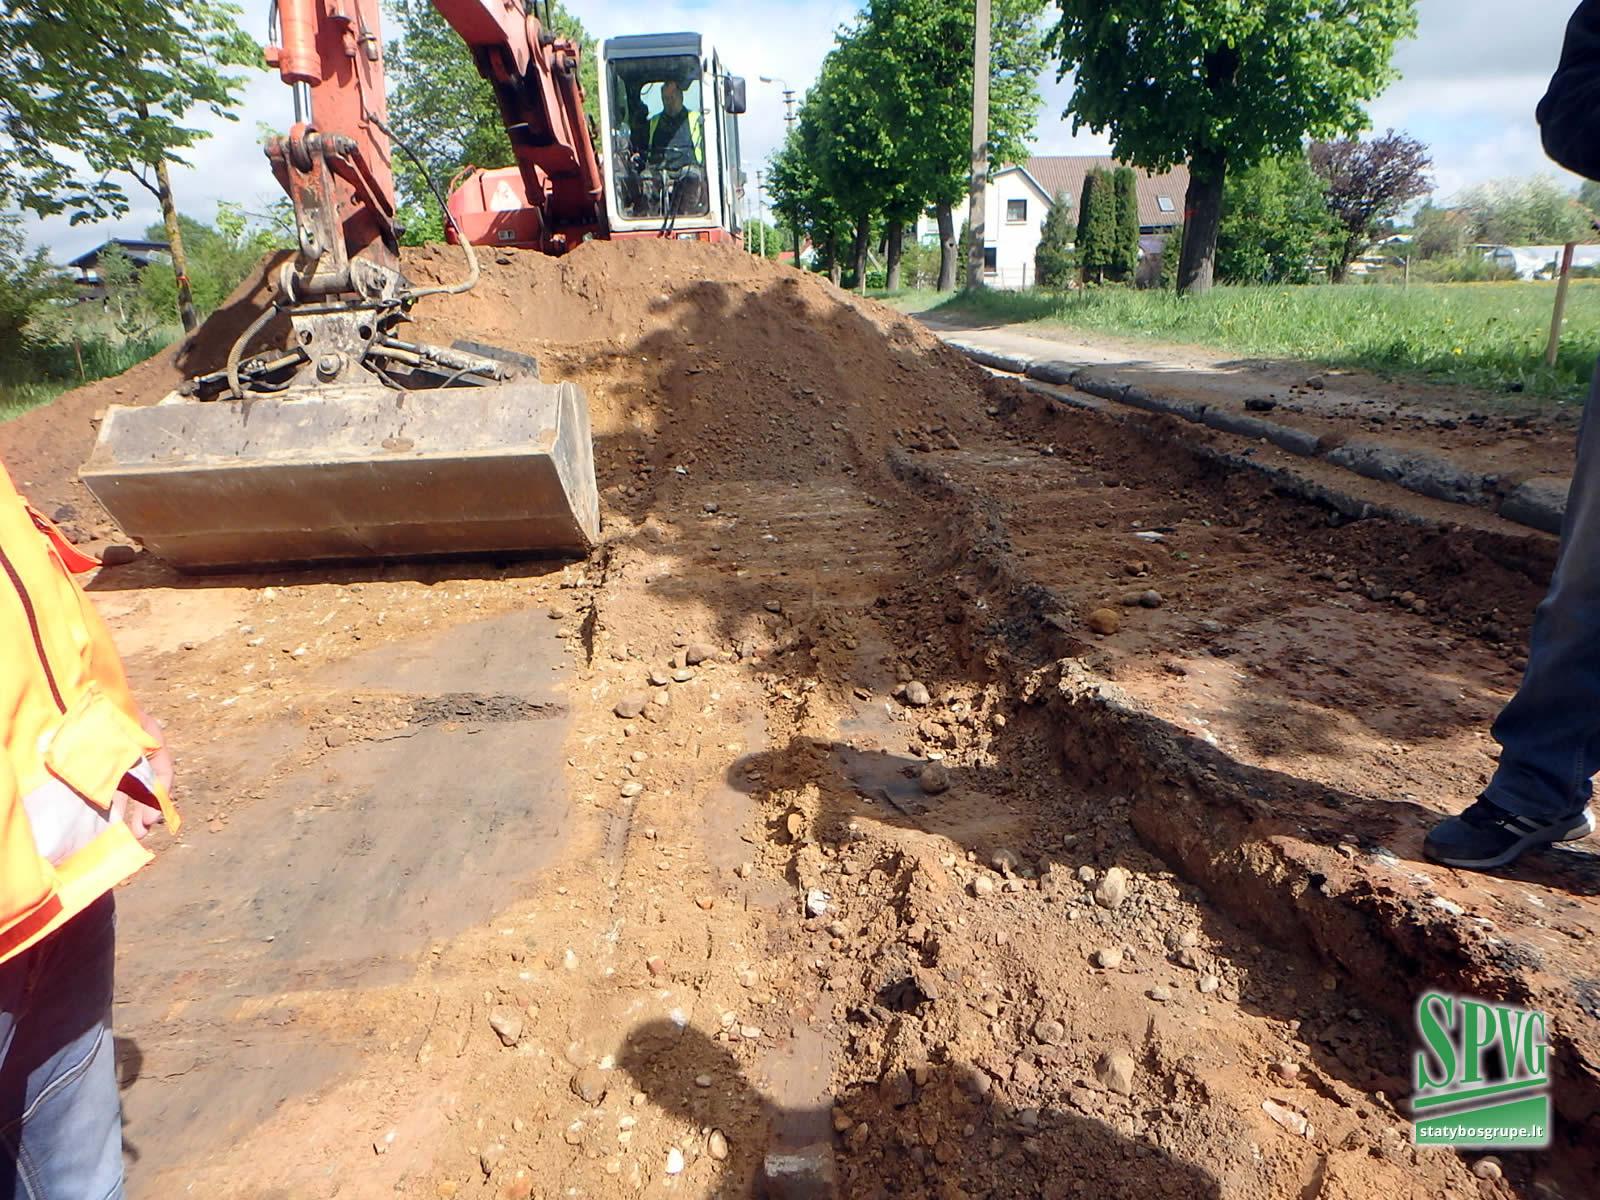 Kauno ir Perkūno gatvių rekonstrukcijos darbai Kelmėje